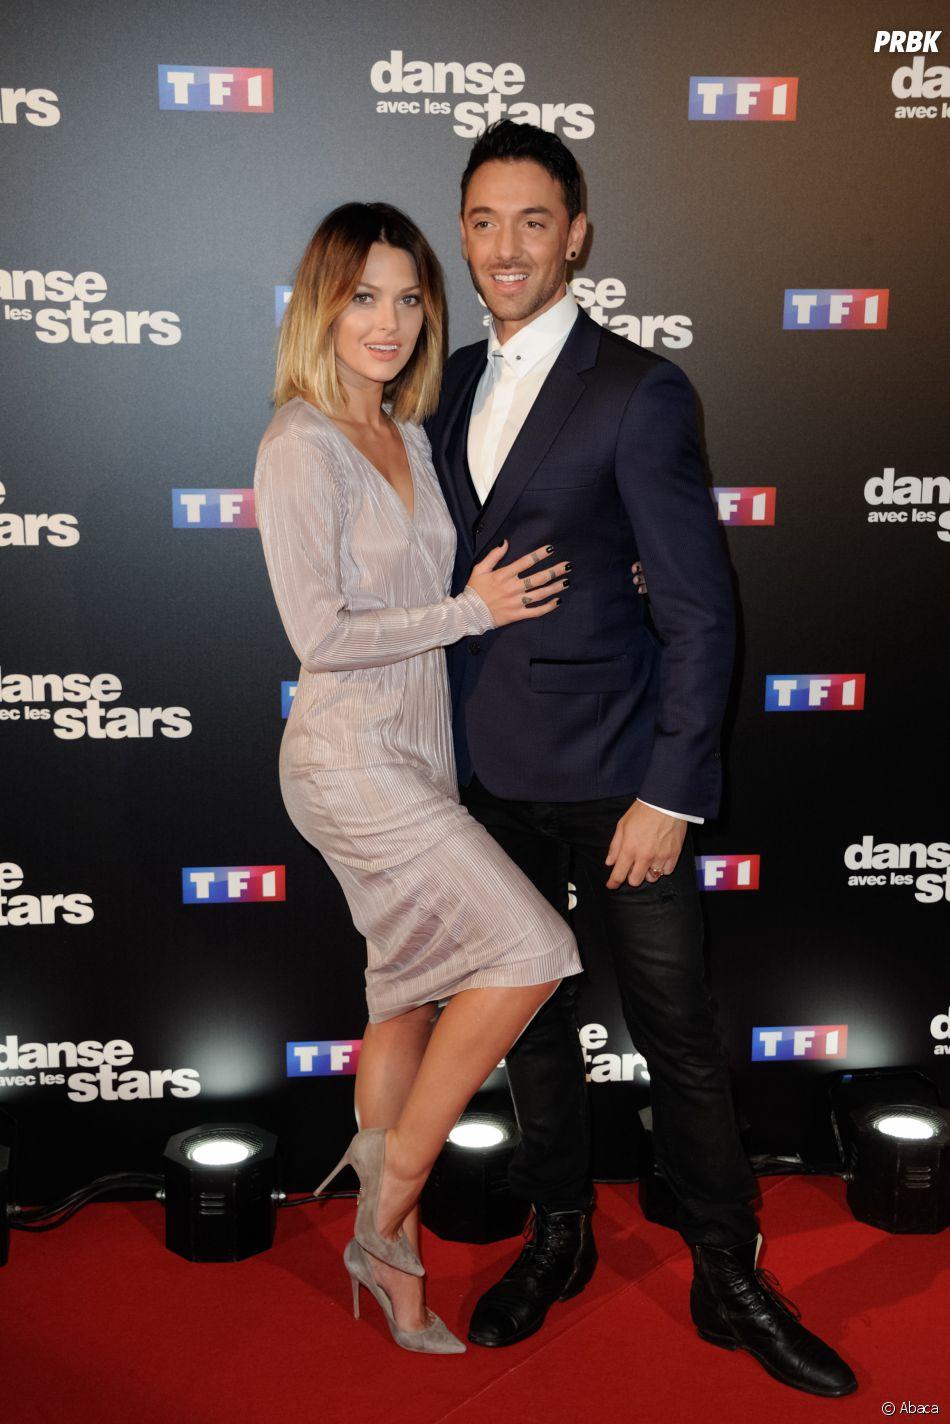 Caroline Receveur dansera avec Maxime Dereymez dans Danse avec les stars 7